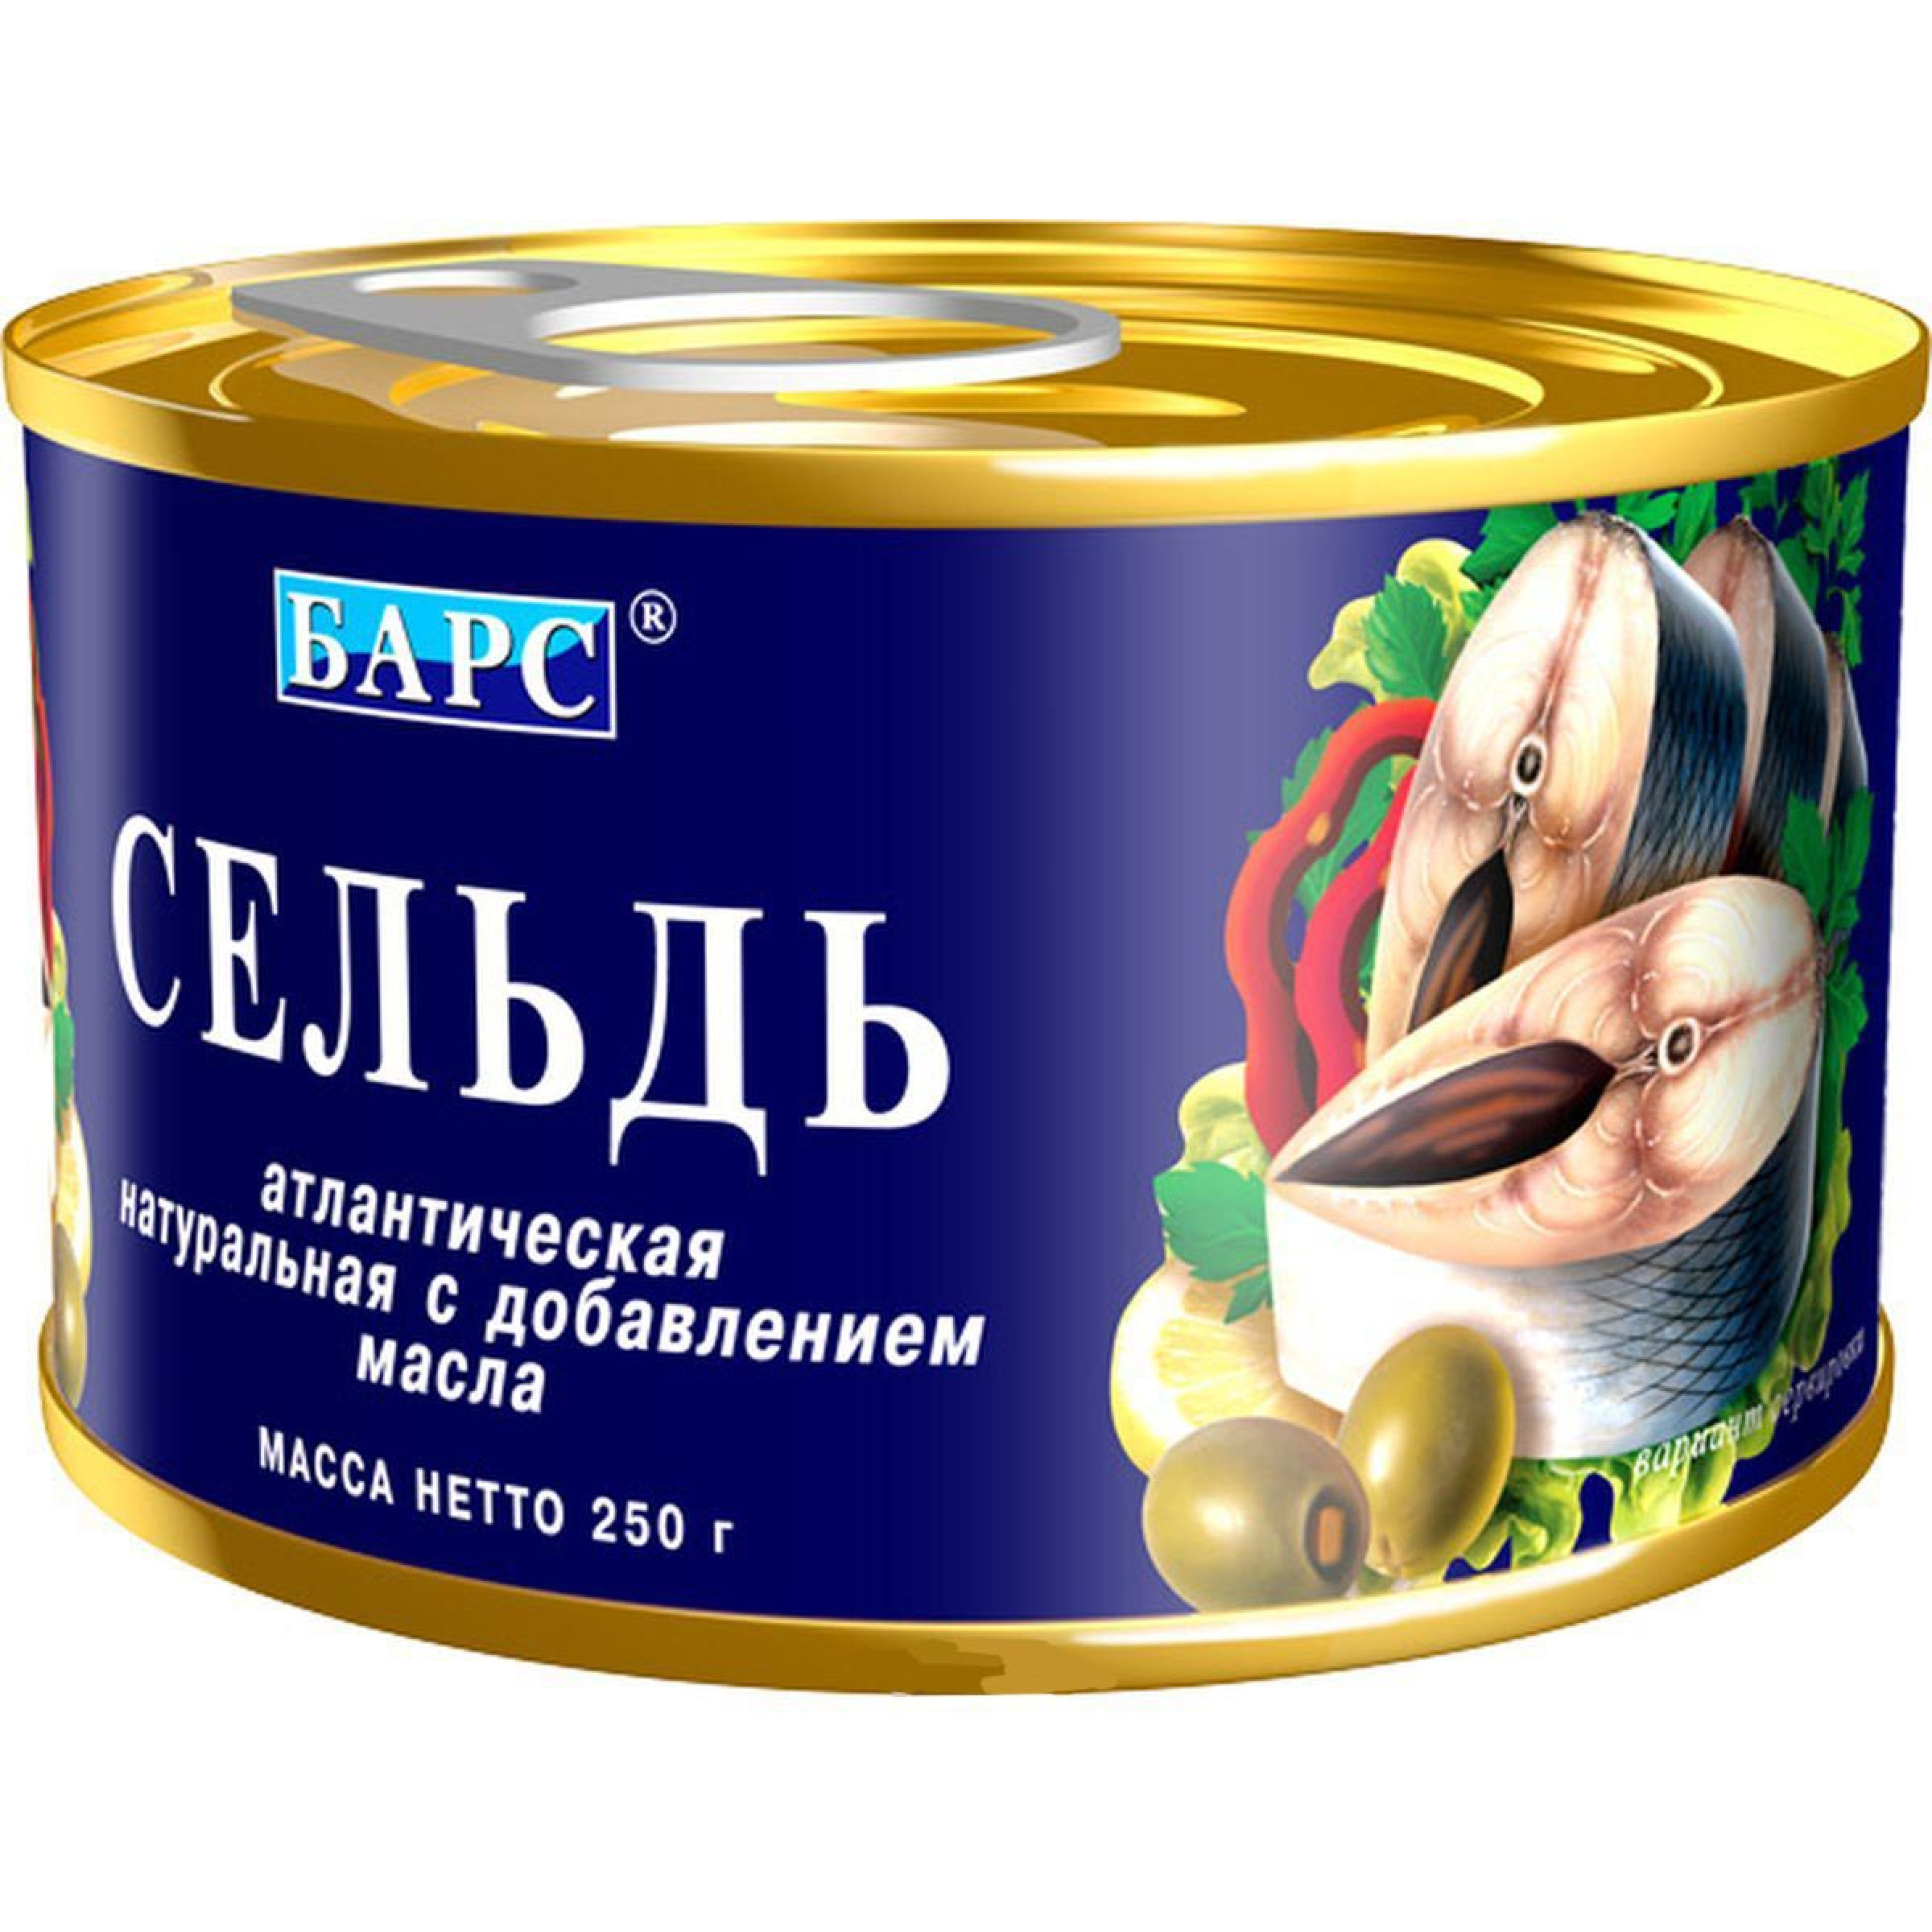 Сельдь натуральная с добавлением масла Барс, 250гр